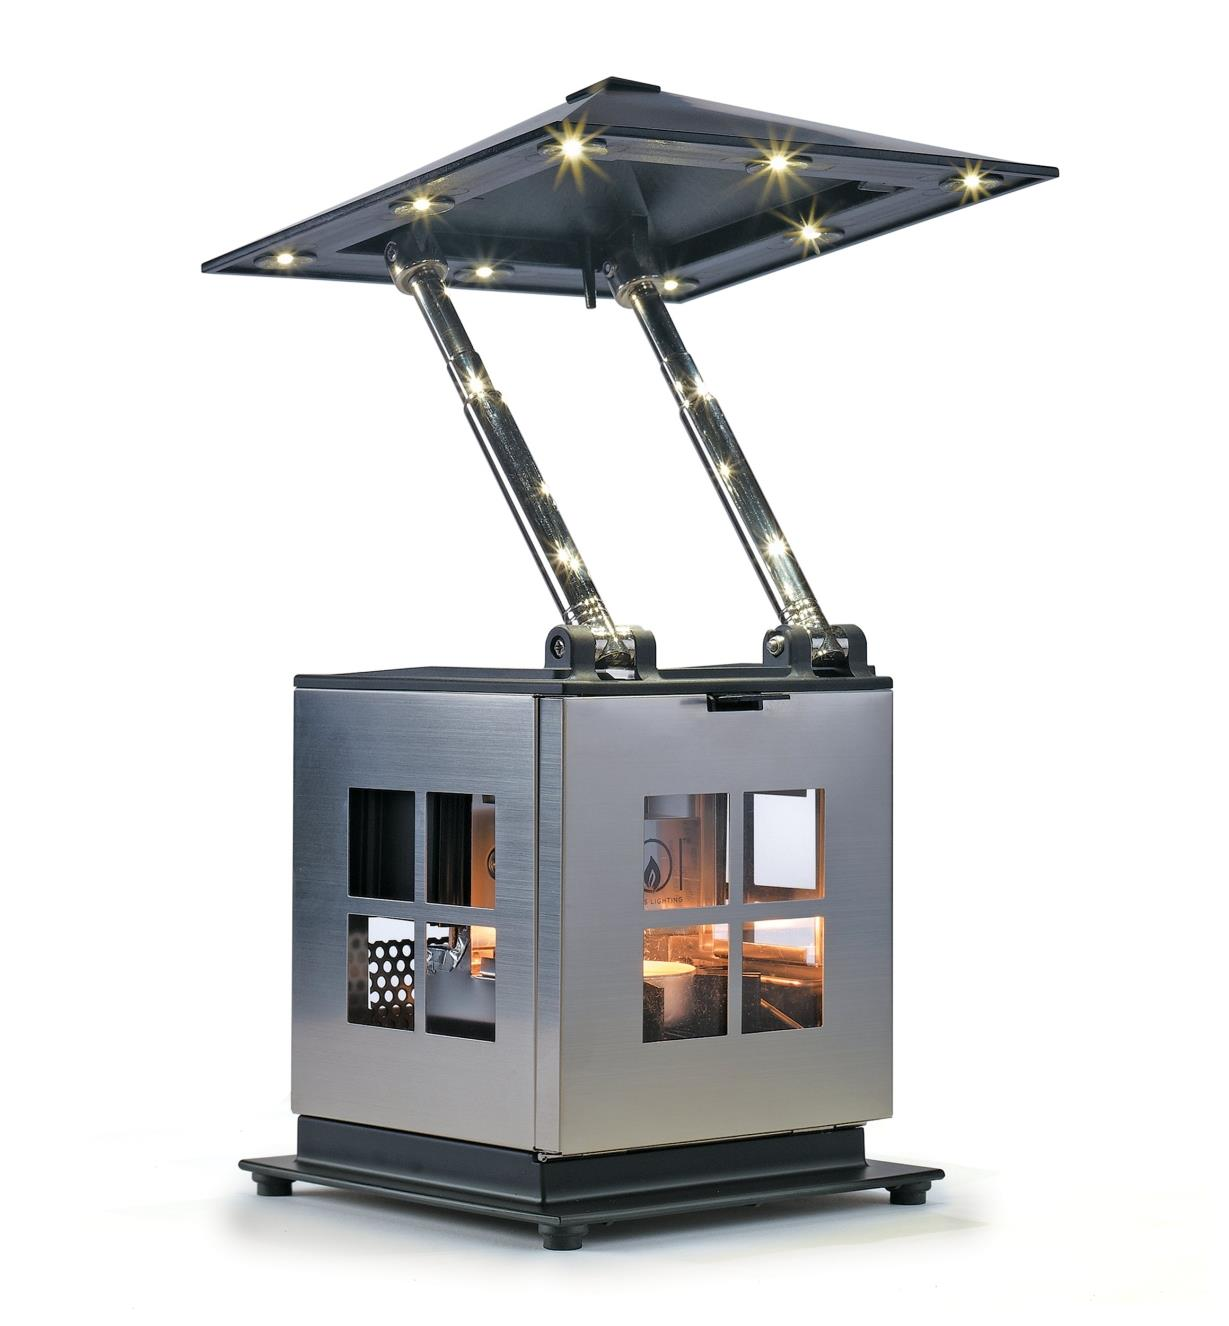 Lanterne à DEL alimentée par bougie vue de dessous montrant les ampoules à DEL encastrées en bordure du toit